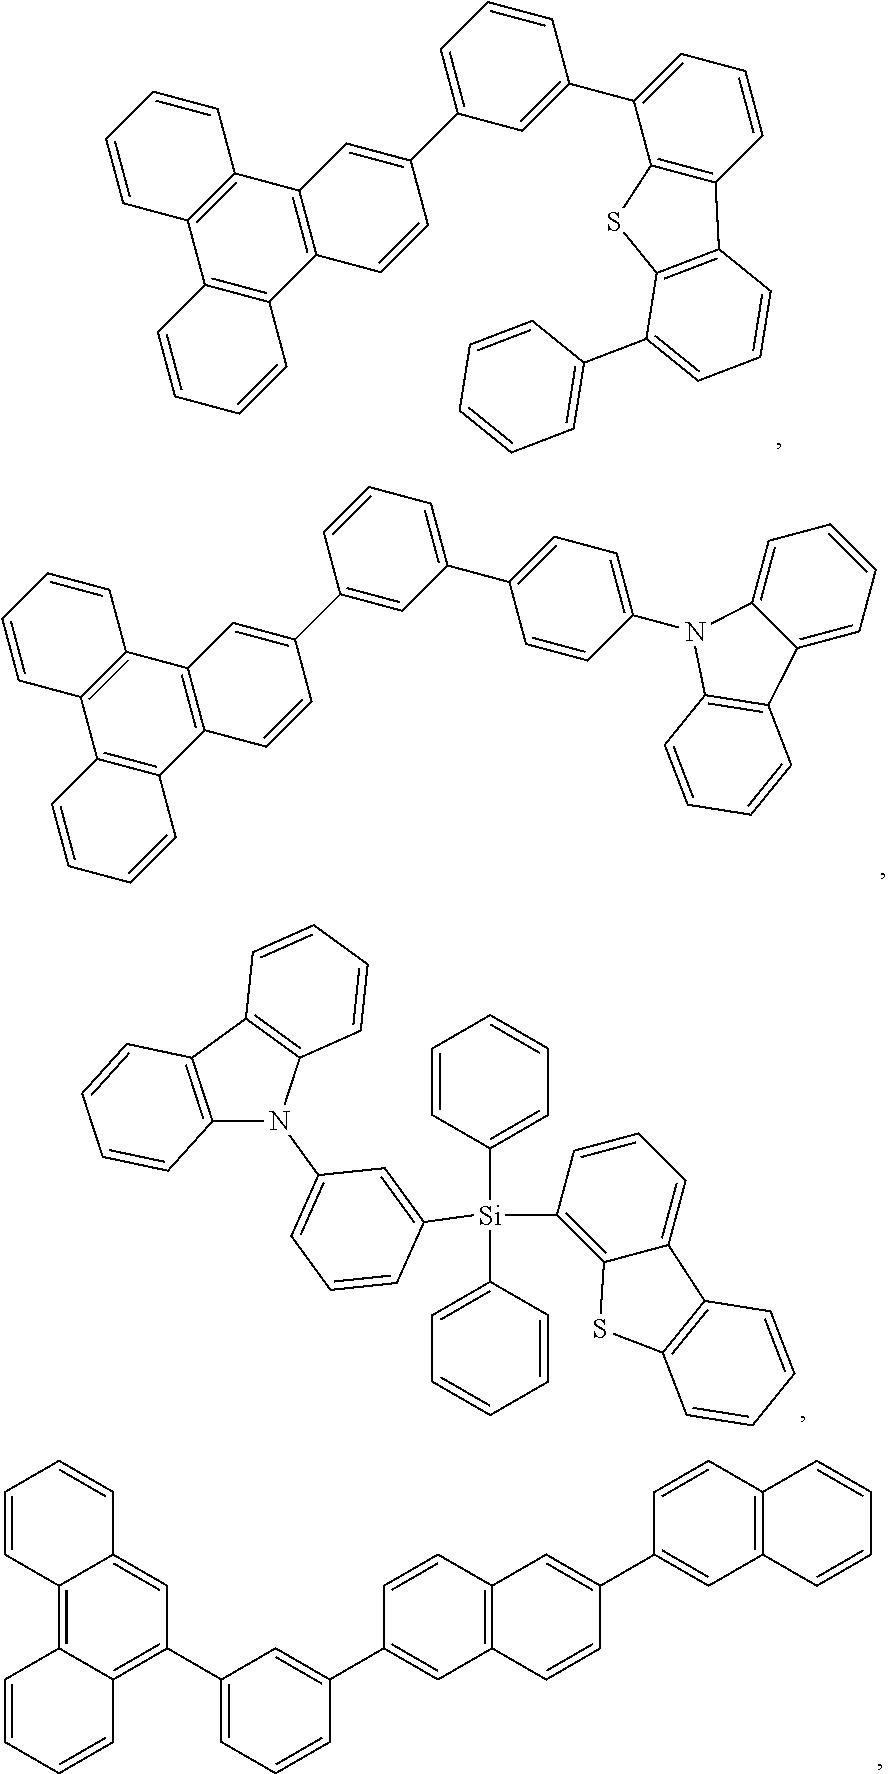 Figure US20160049599A1-20160218-C00180